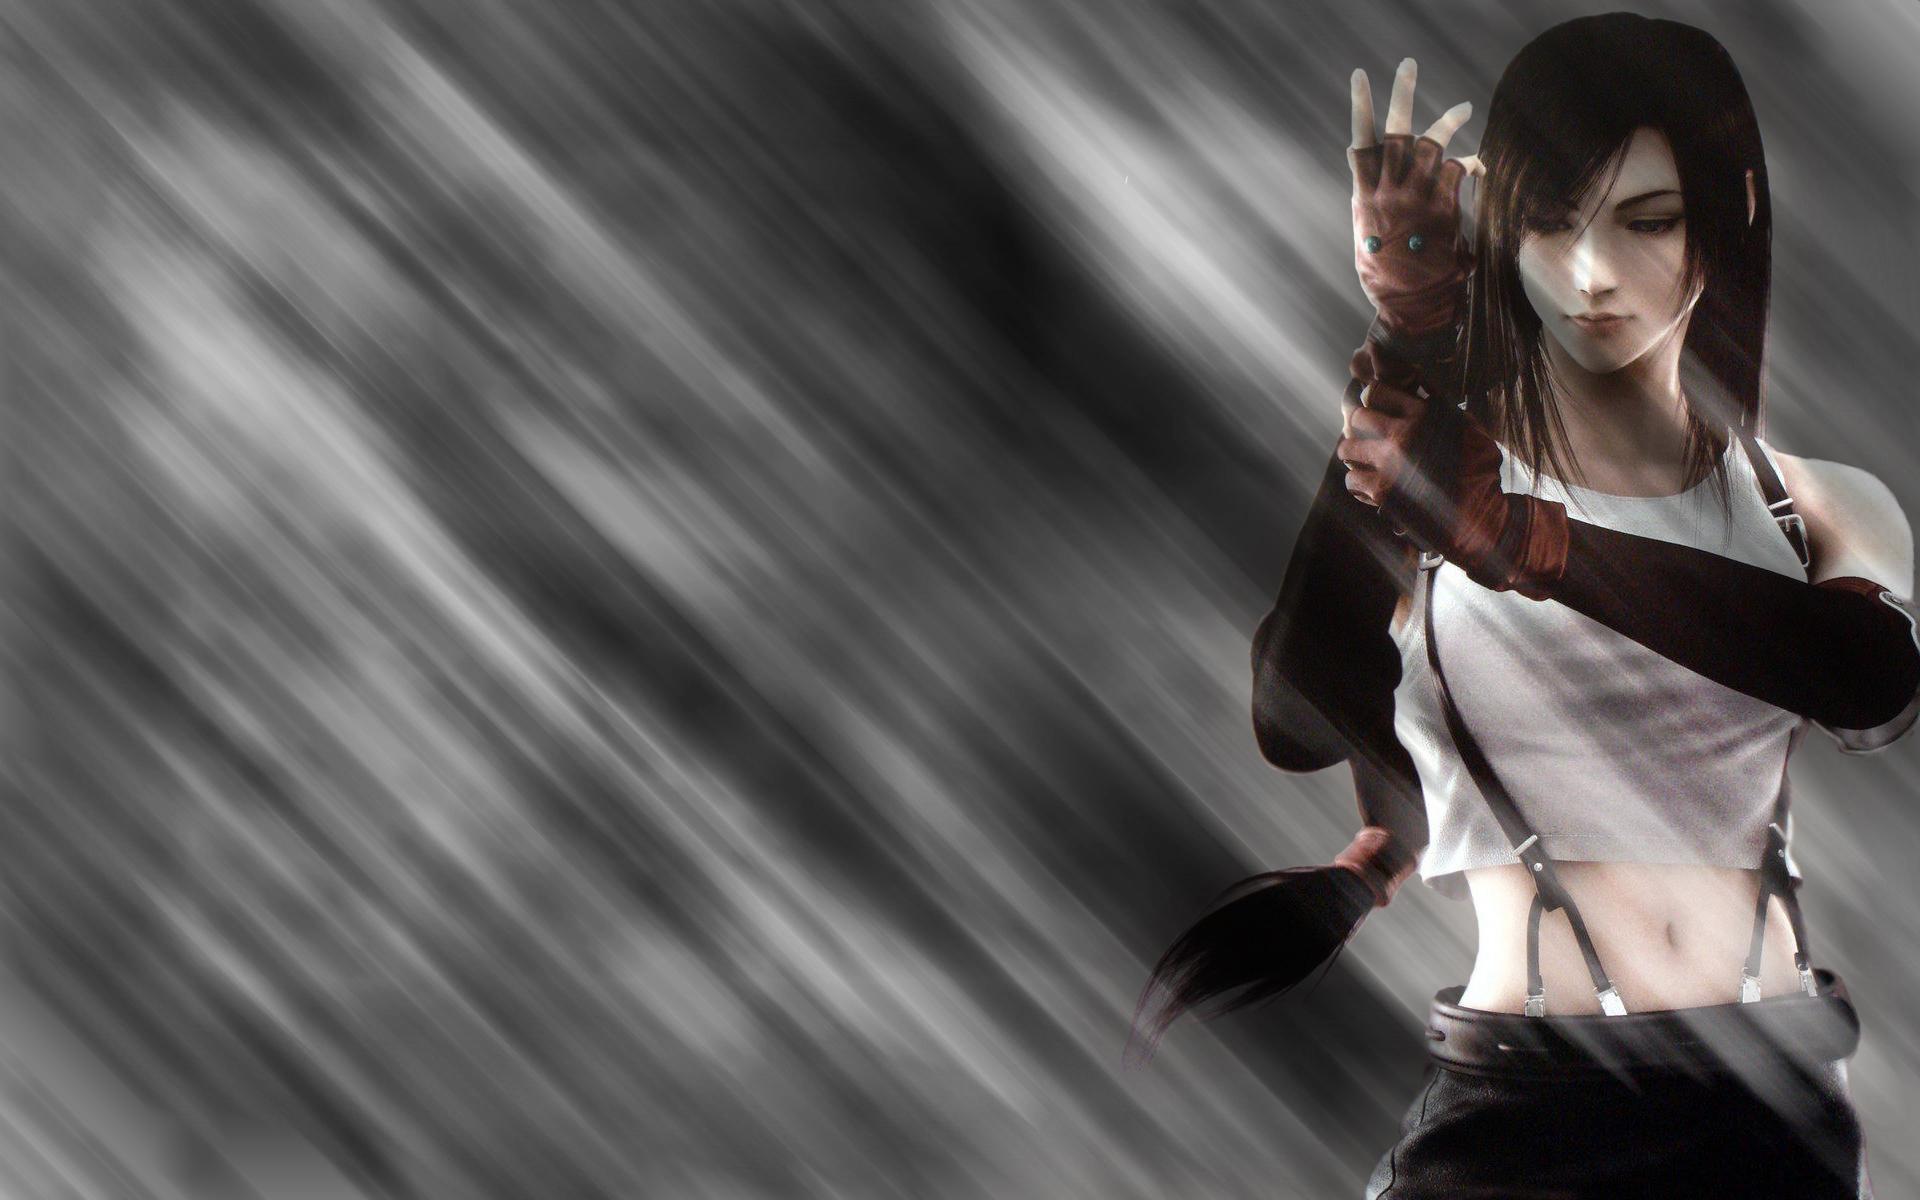 00tifa 最终幻想7 多分辨率 壁纸81920x1200壁纸,tifa 最终幻想7壁纸